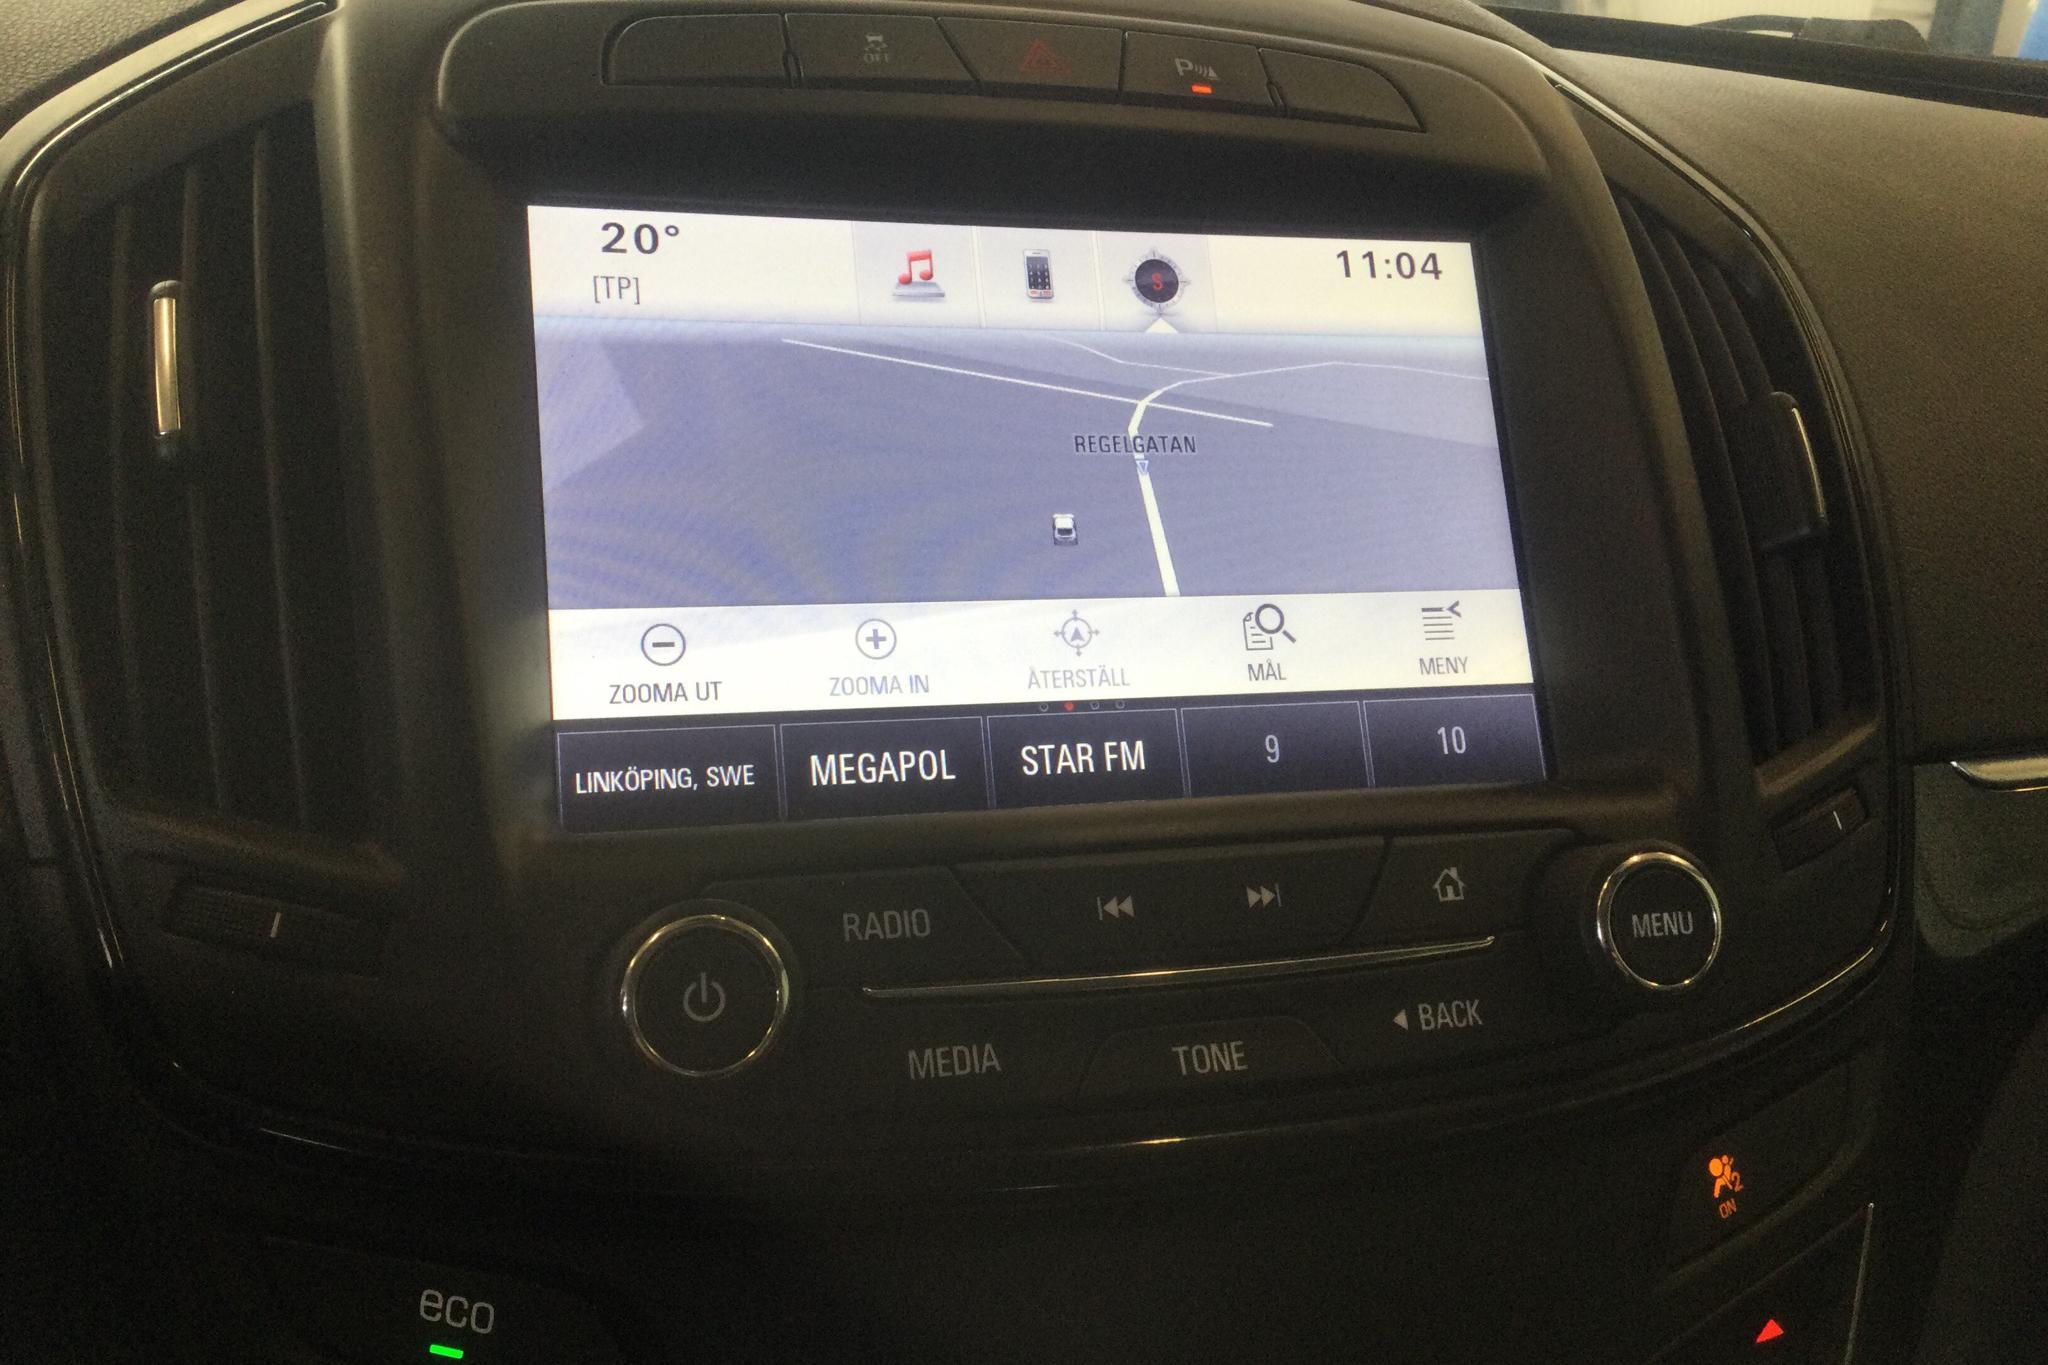 Opel Insignia 2.0 CDTI ecoFLEX Sports Tourer (140hk) - 13 372 mil - Manuell - vit - 2015